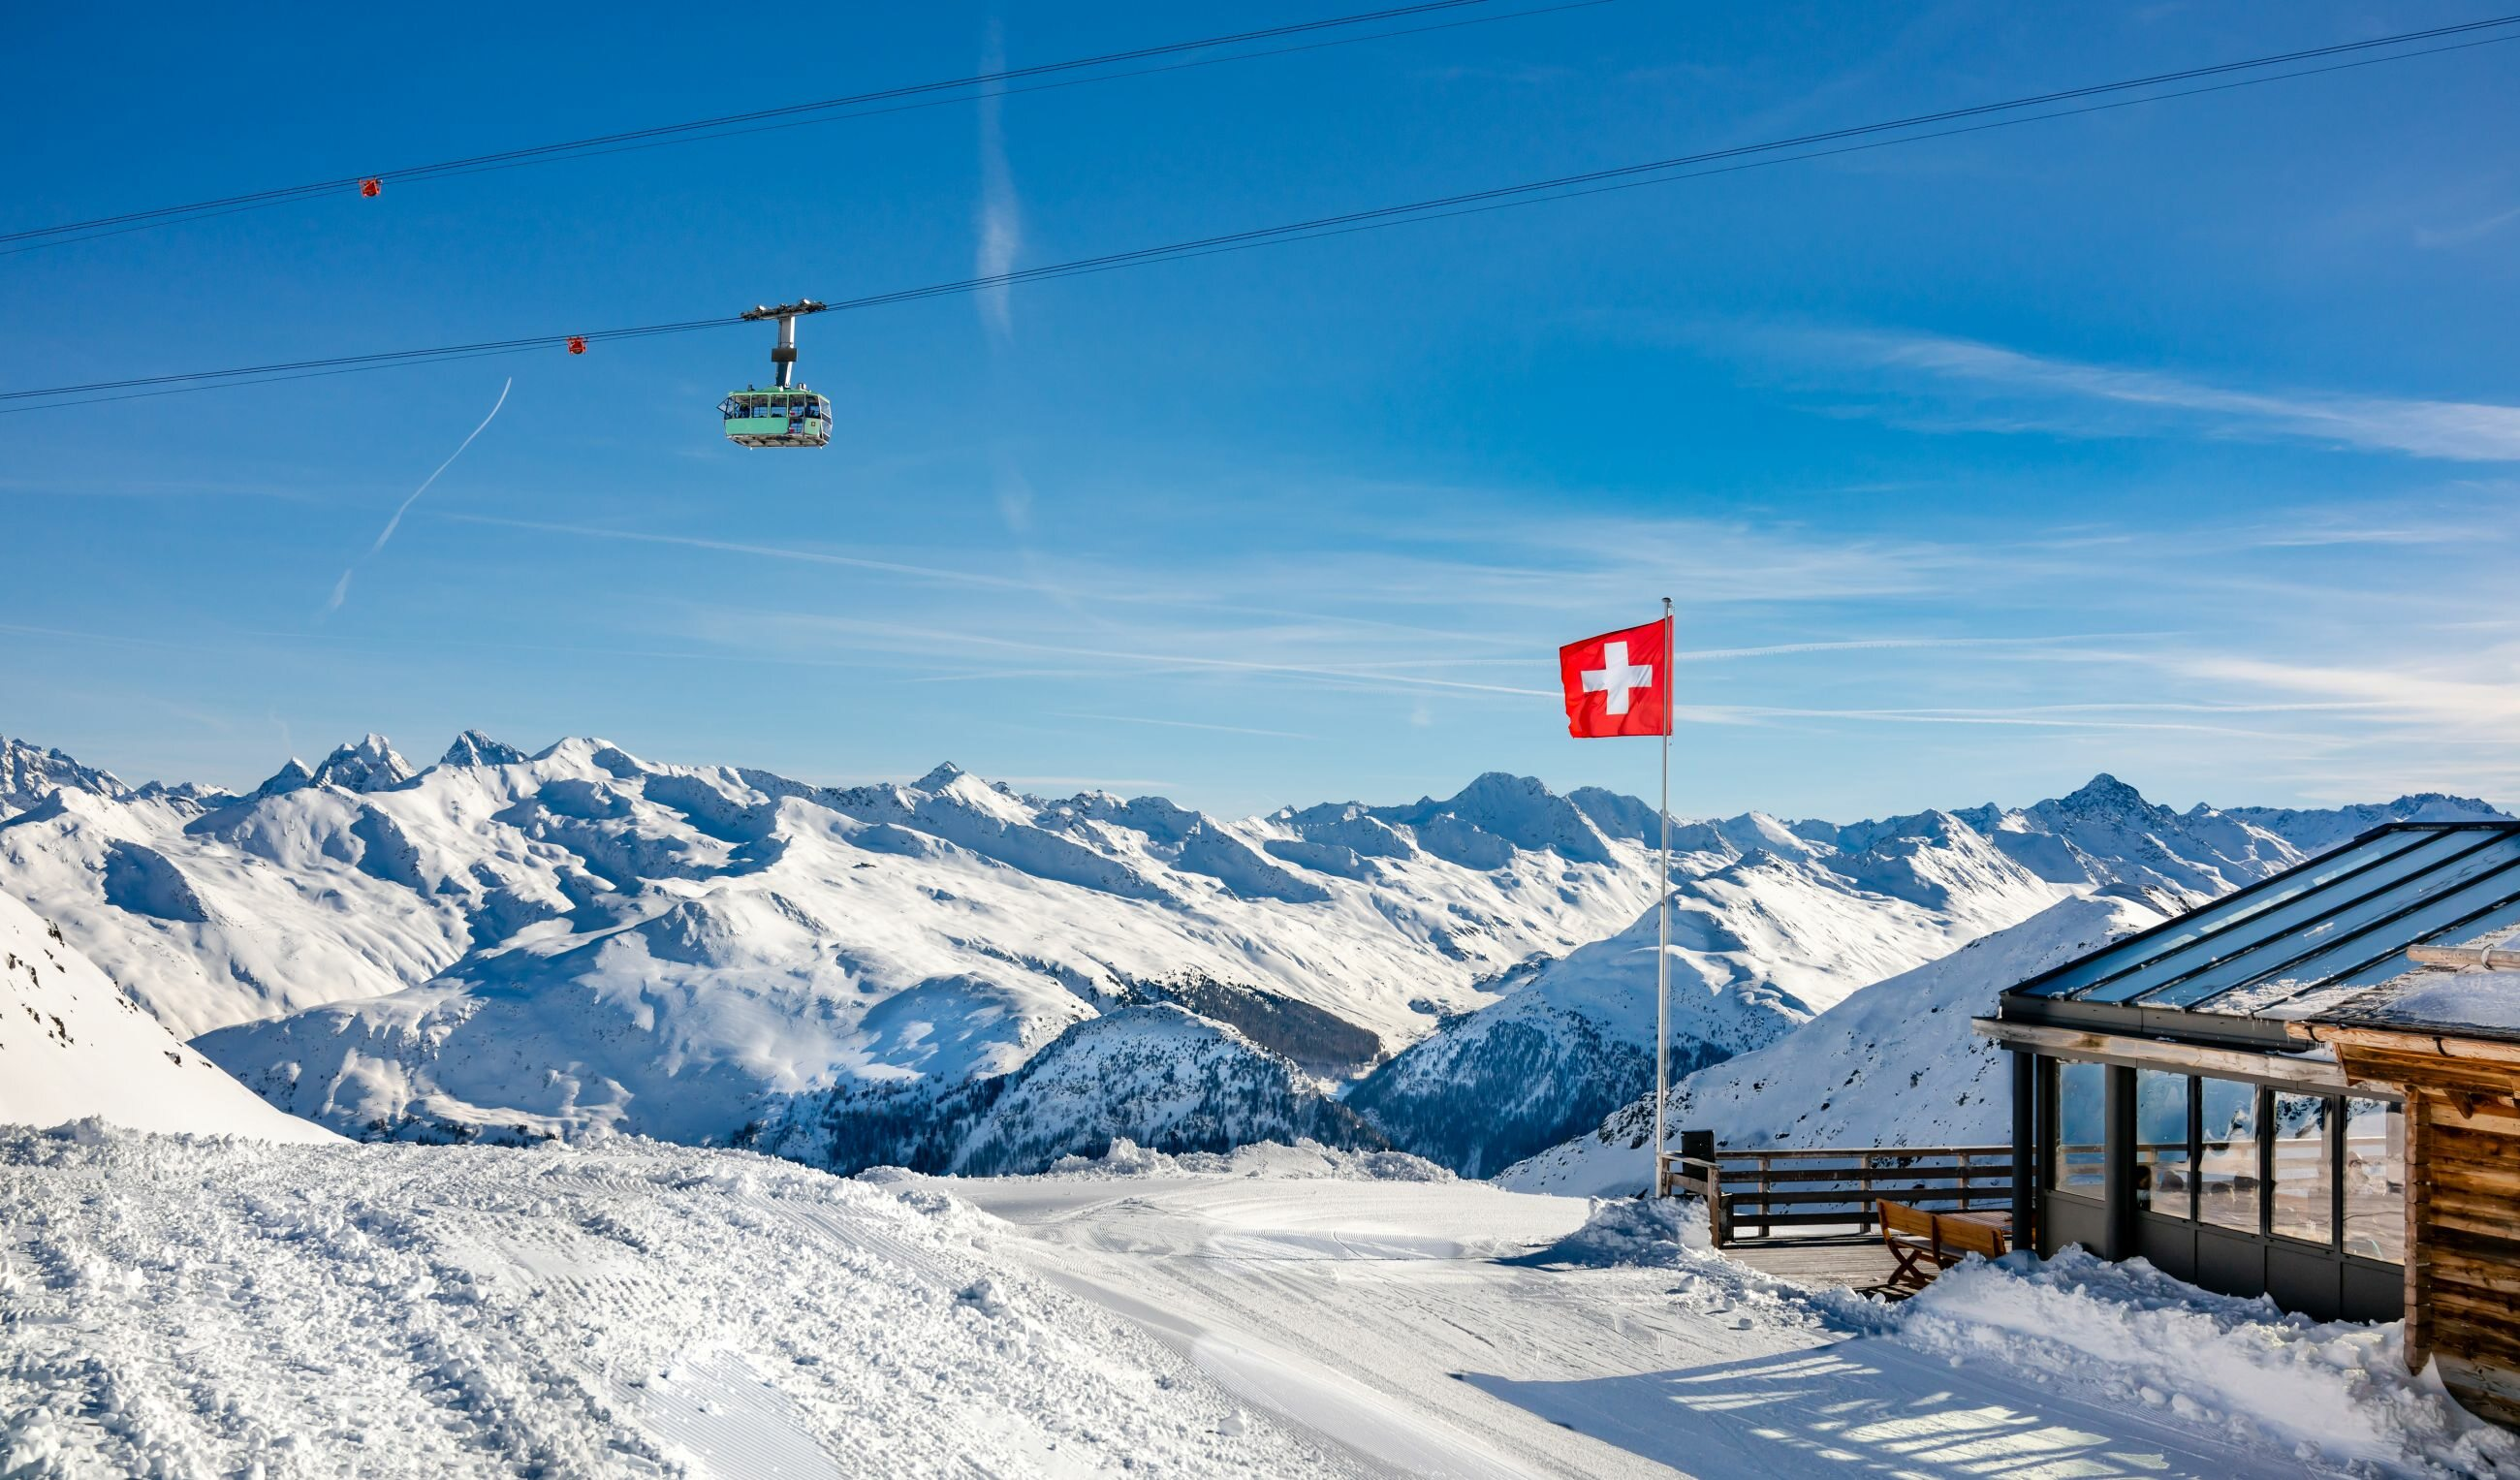 Stok w Szwajcarii, zdjęcie ilustracyjne